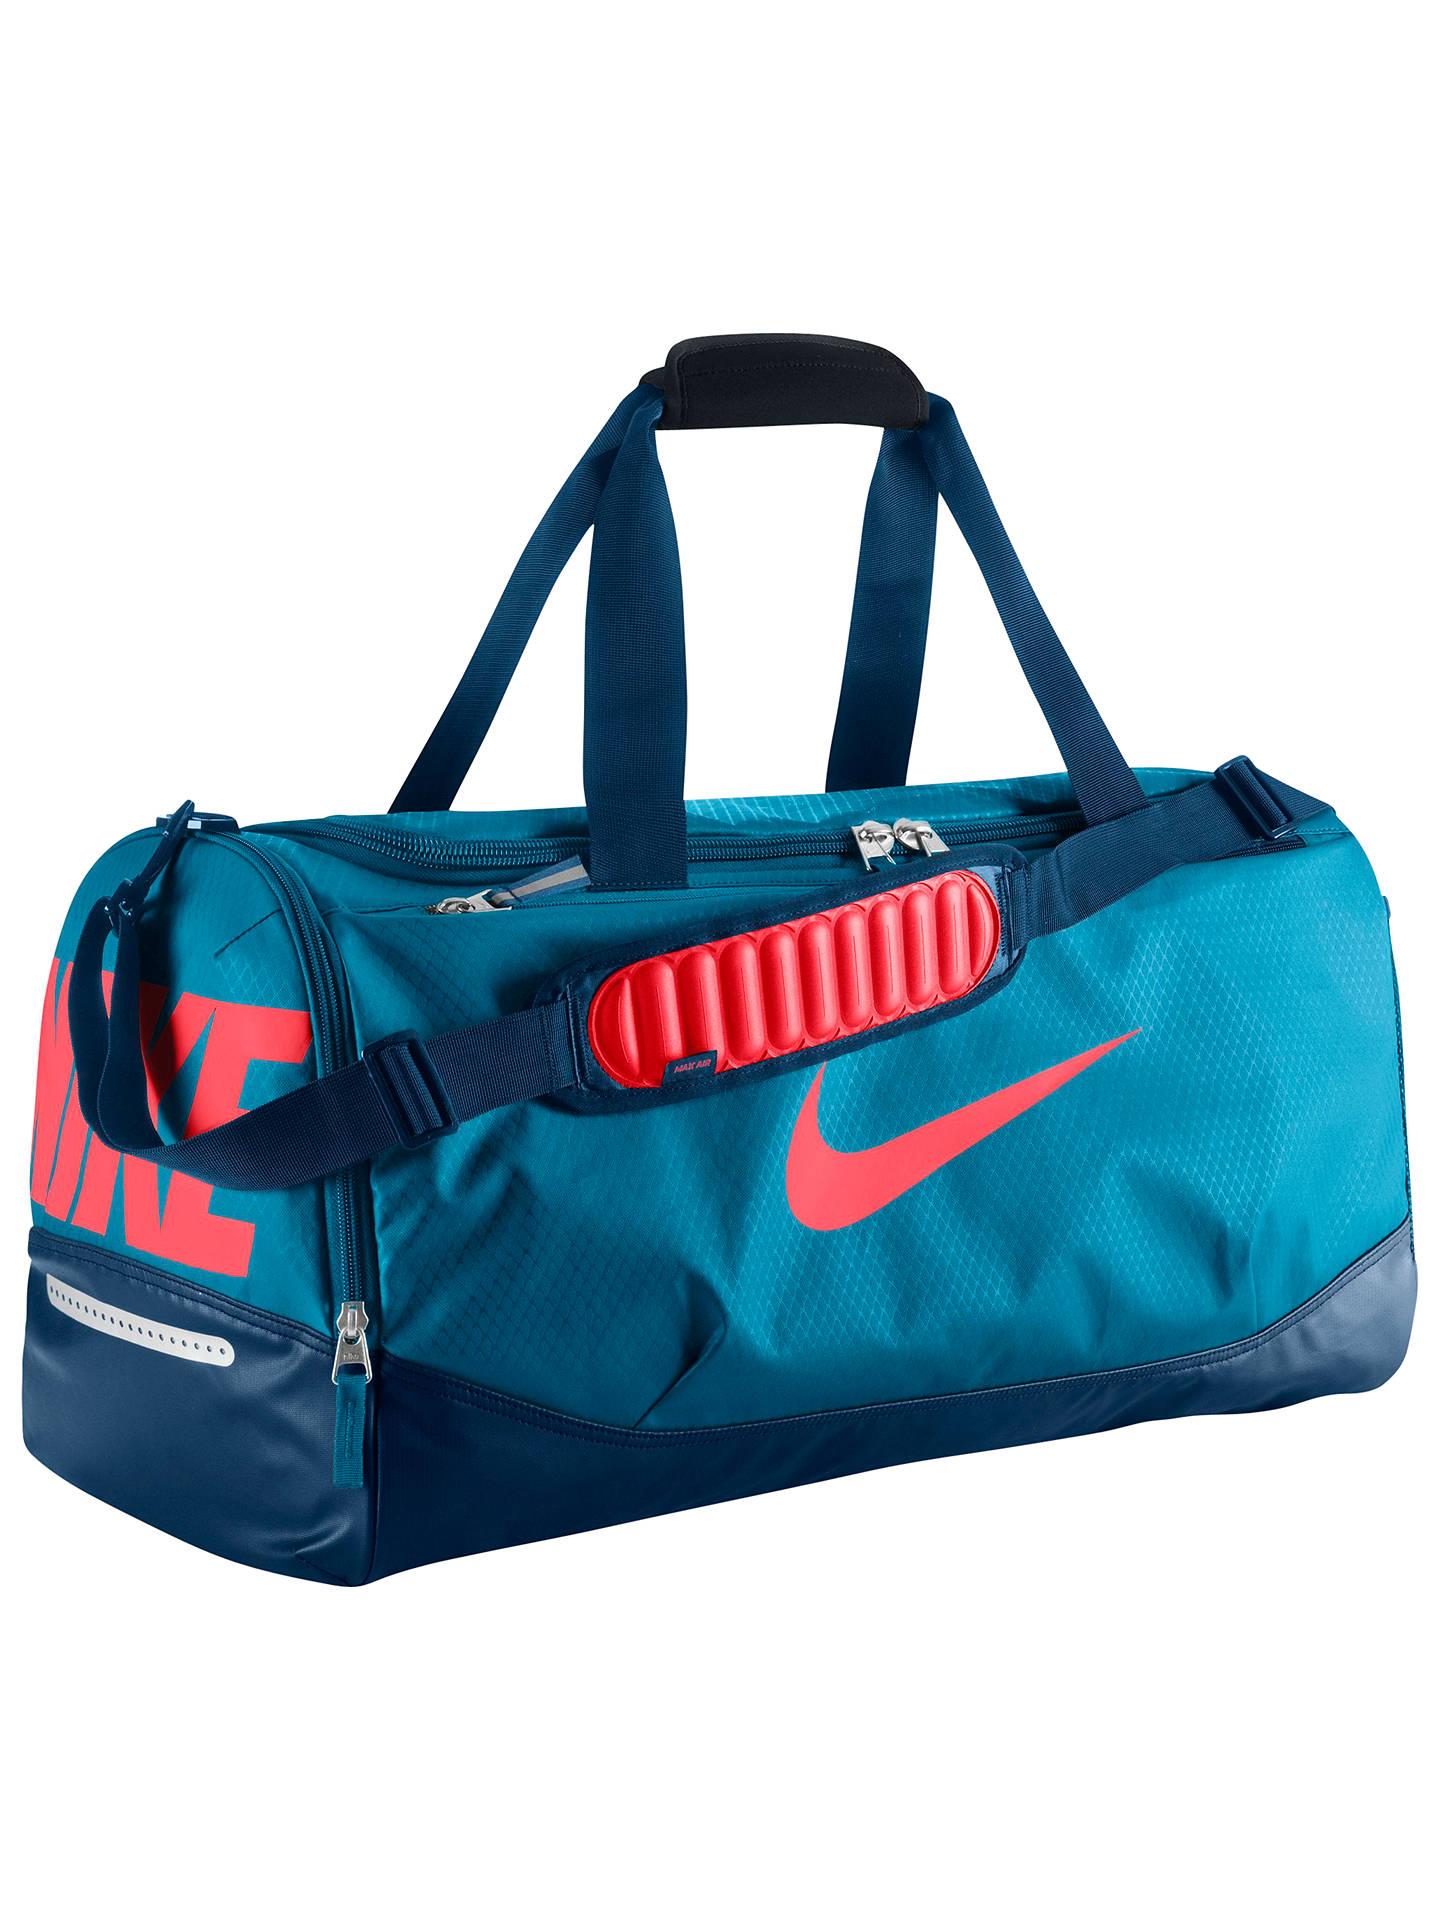 Nike Team Training Max Air Medium Duffel Bag at John Lewis   Partners 855d4f849